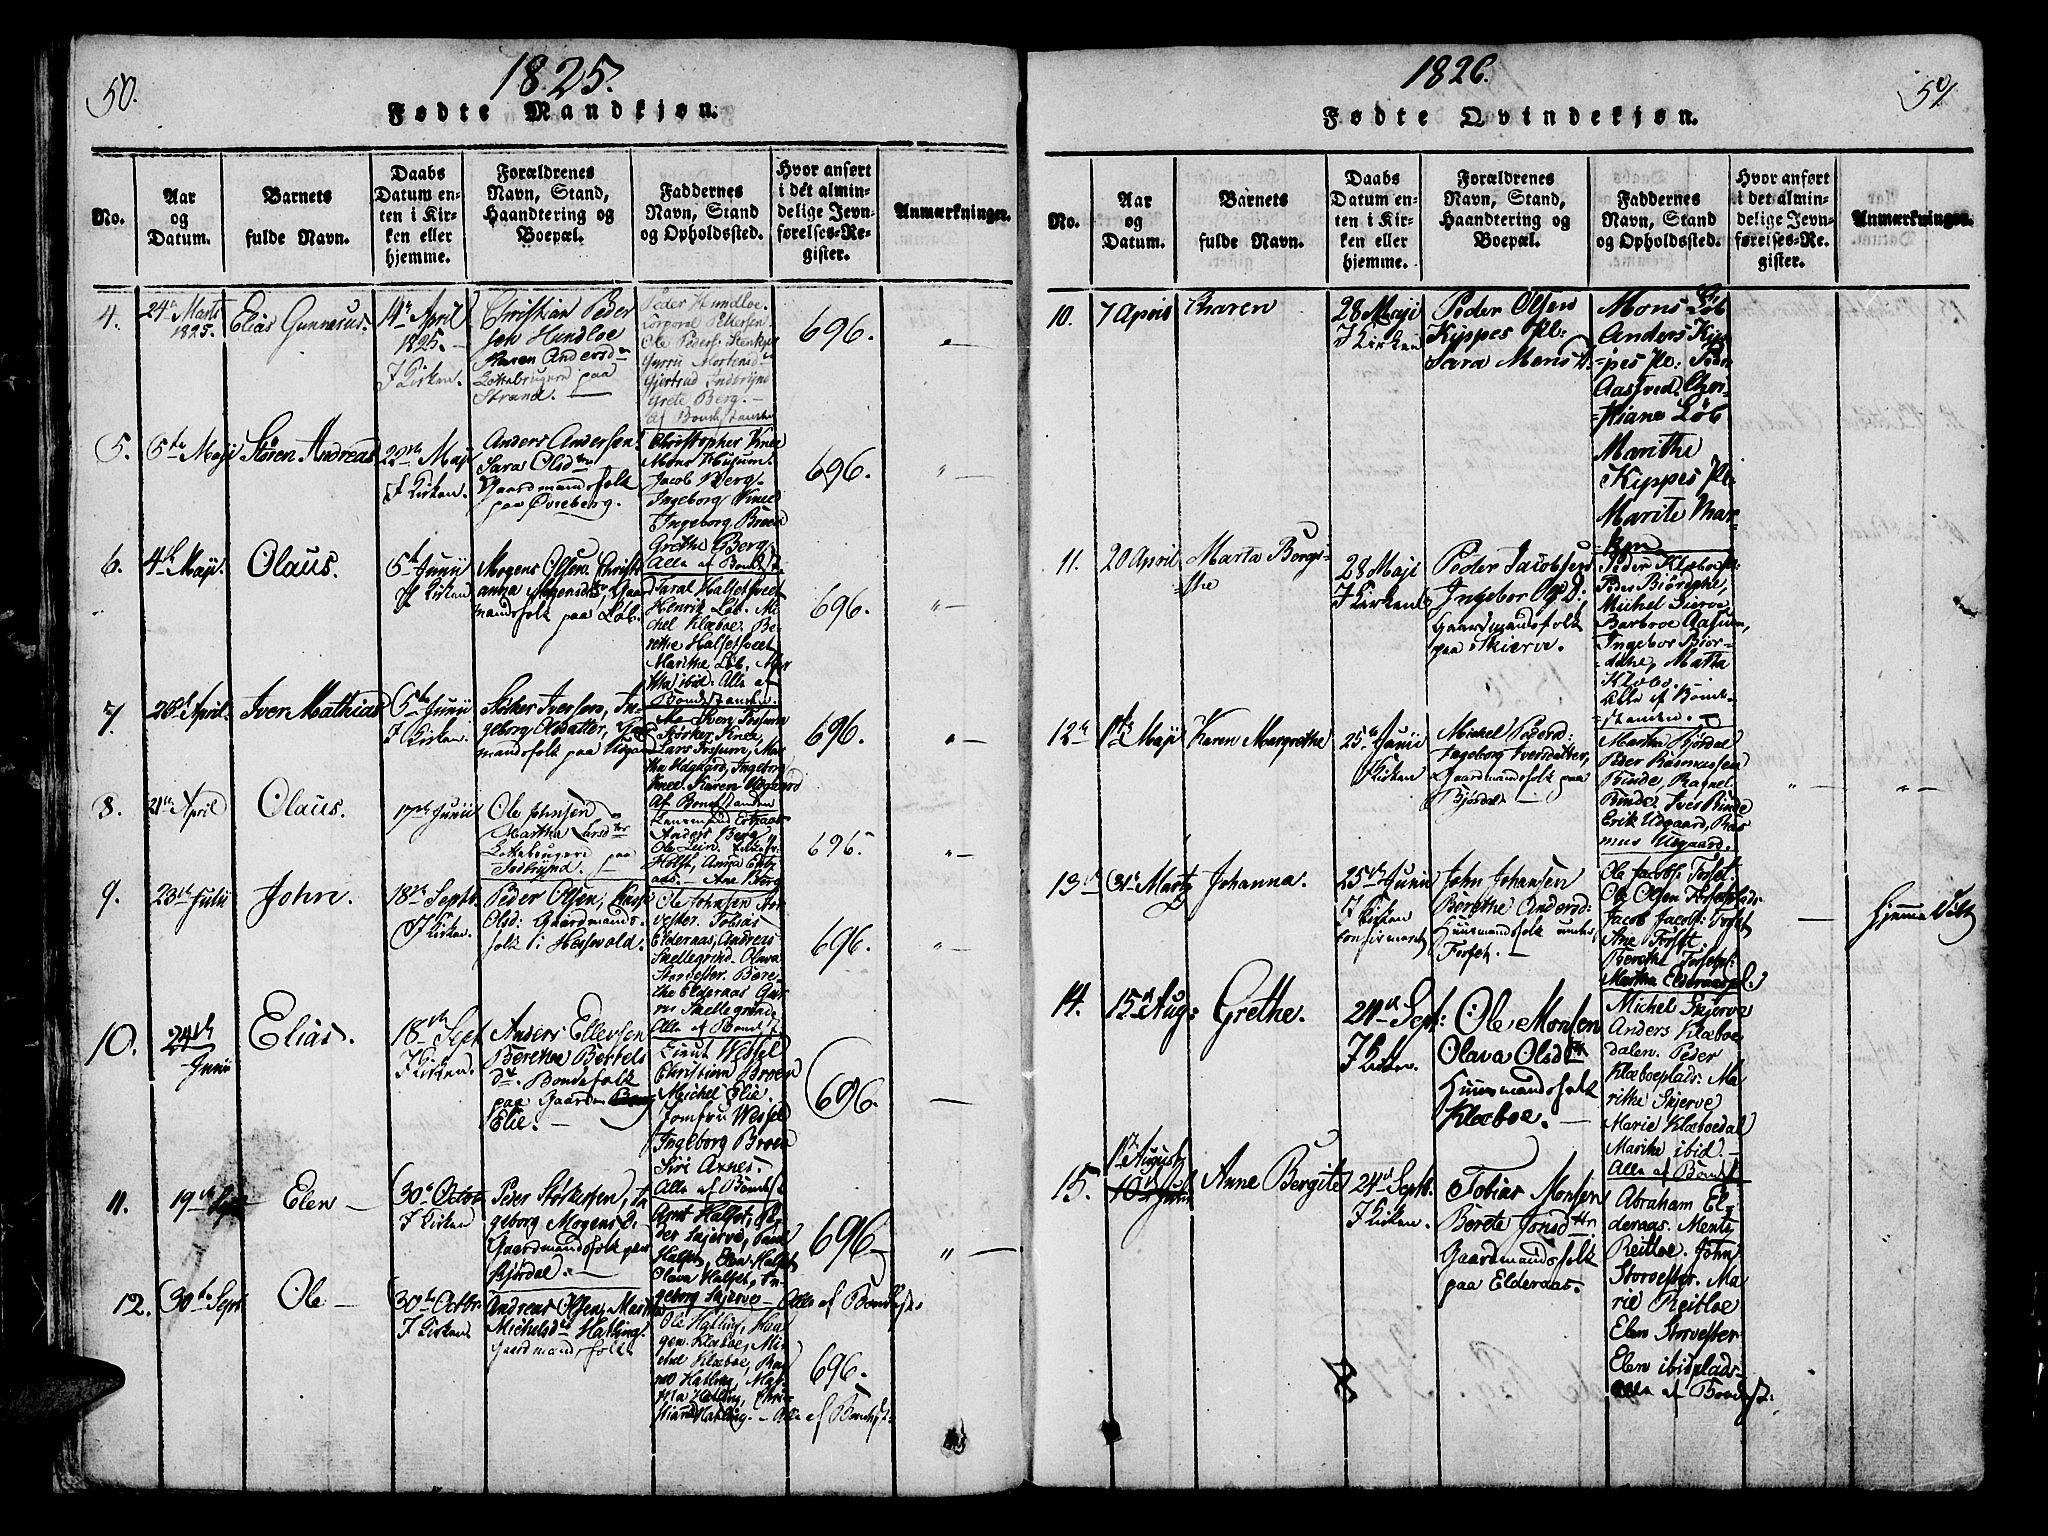 SAT, Ministerialprotokoller, klokkerbøker og fødselsregistre - Nord-Trøndelag, 746/L0441: Ministerialbok nr. 746A03 /1, 1816-1827, s. 50-51